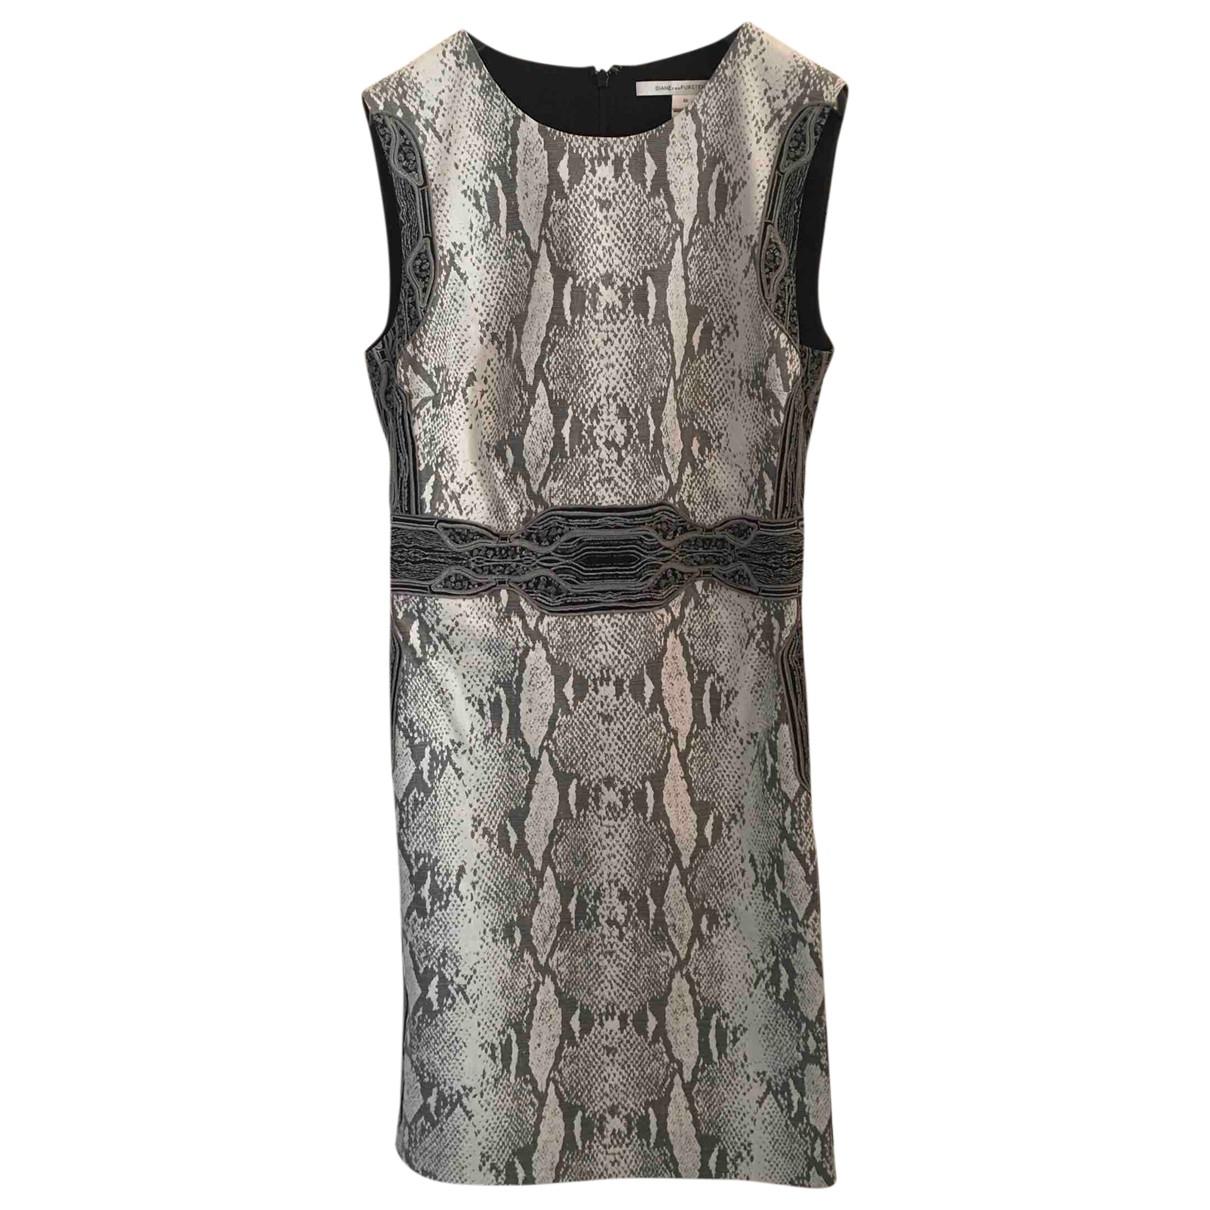 Diane Von Furstenberg \N Black Cotton dress for Women 10 US